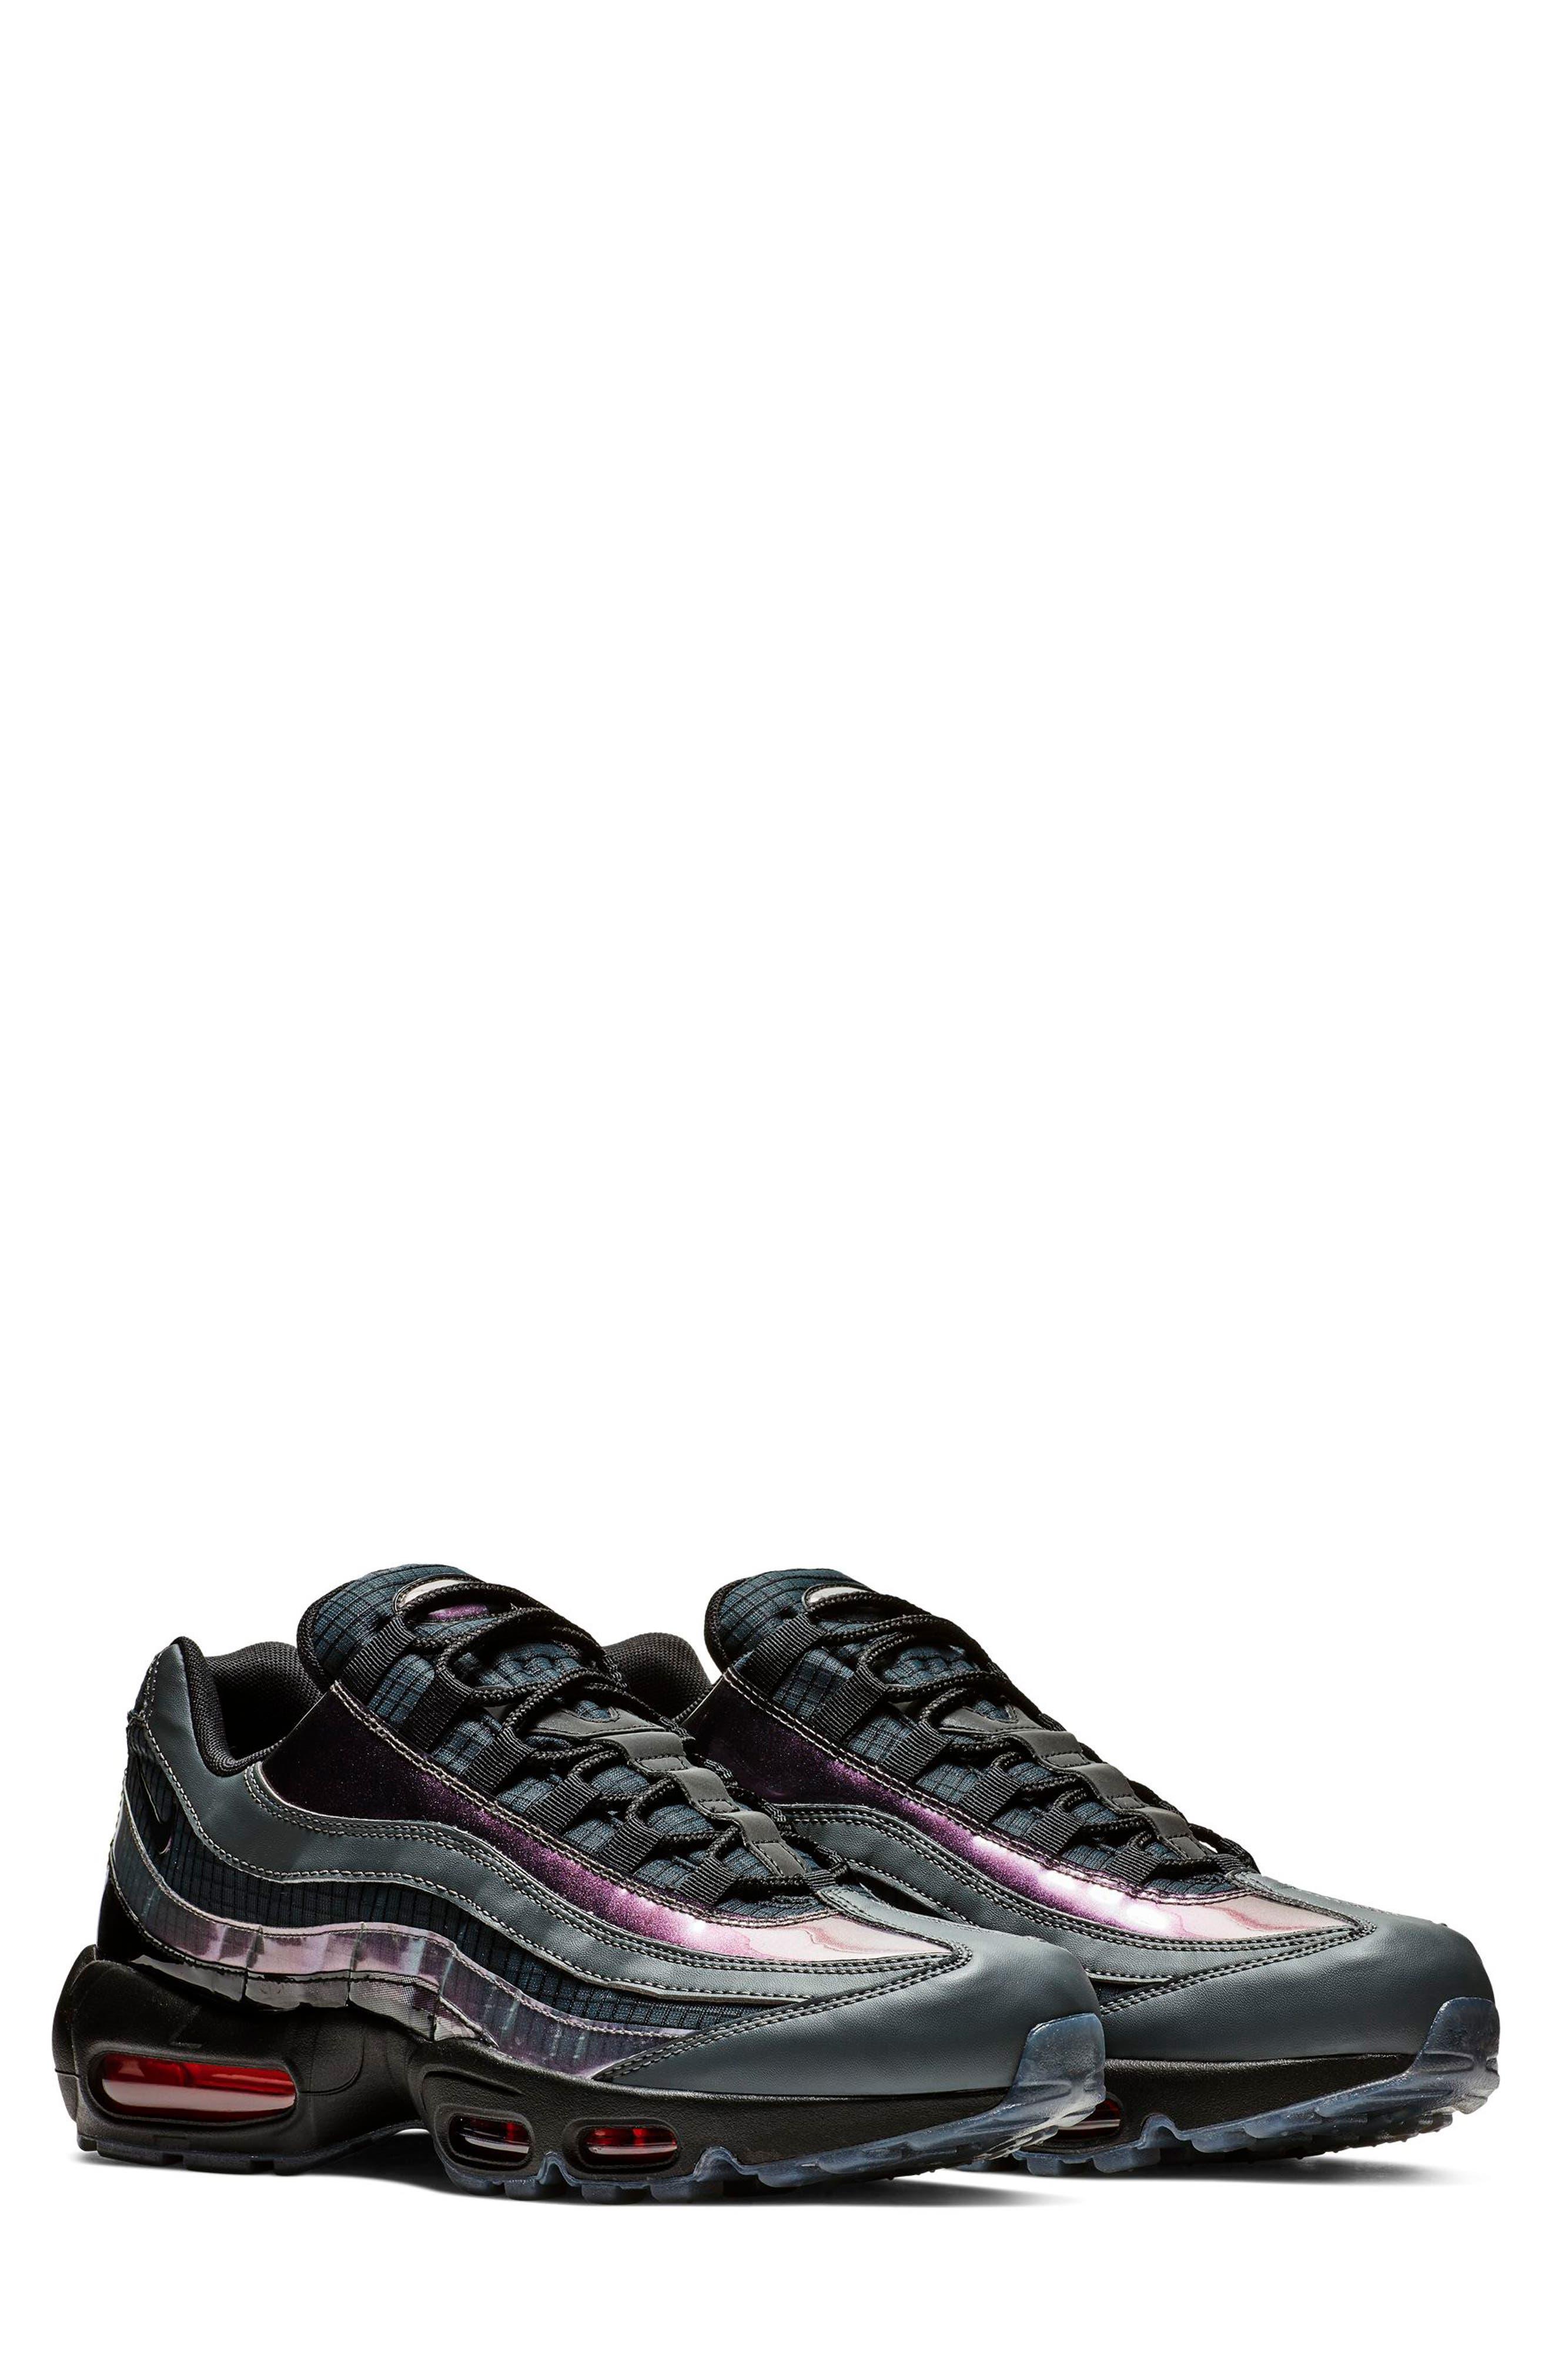 Air Max 95 LV8 Sneaker, Main, color, BLACK/ EMBER GLOW/ DARK GREY